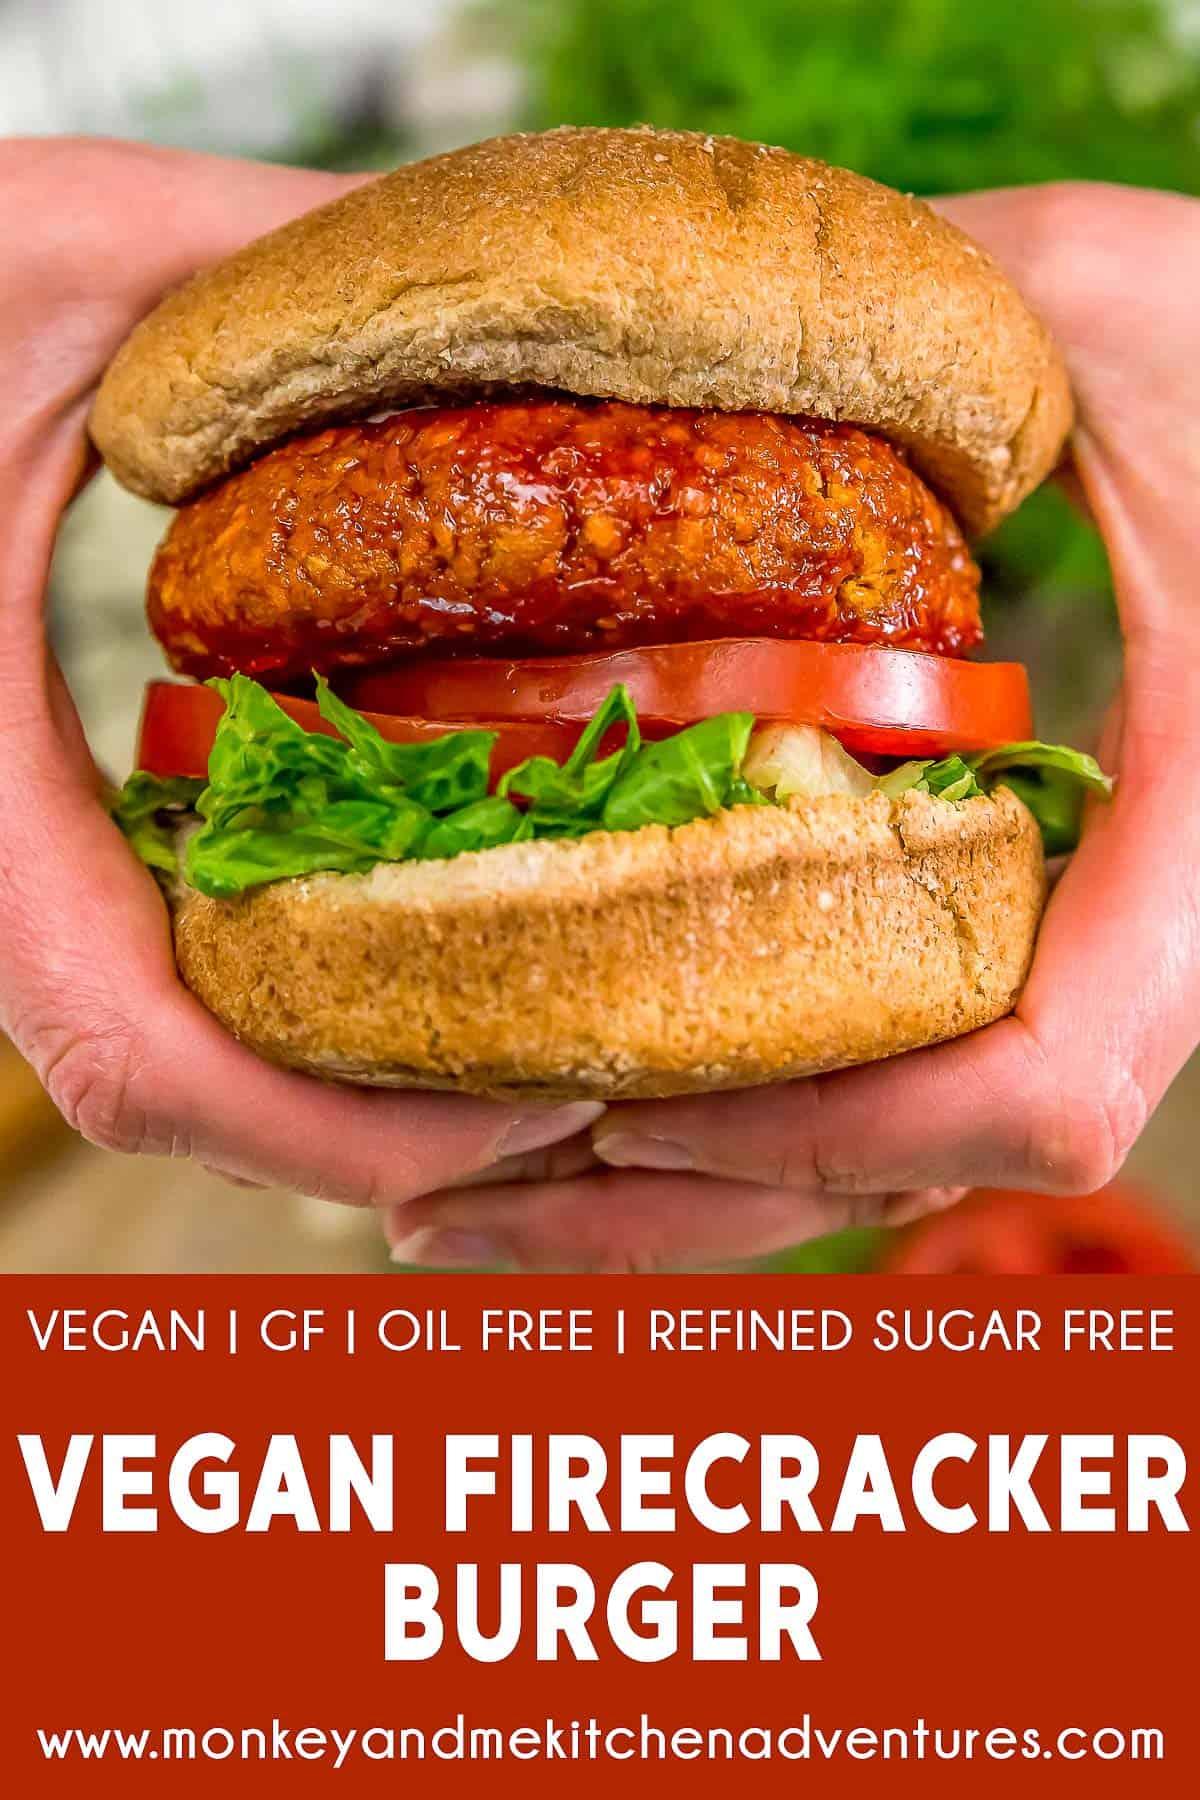 Vegan Firecracker Burgers with text description